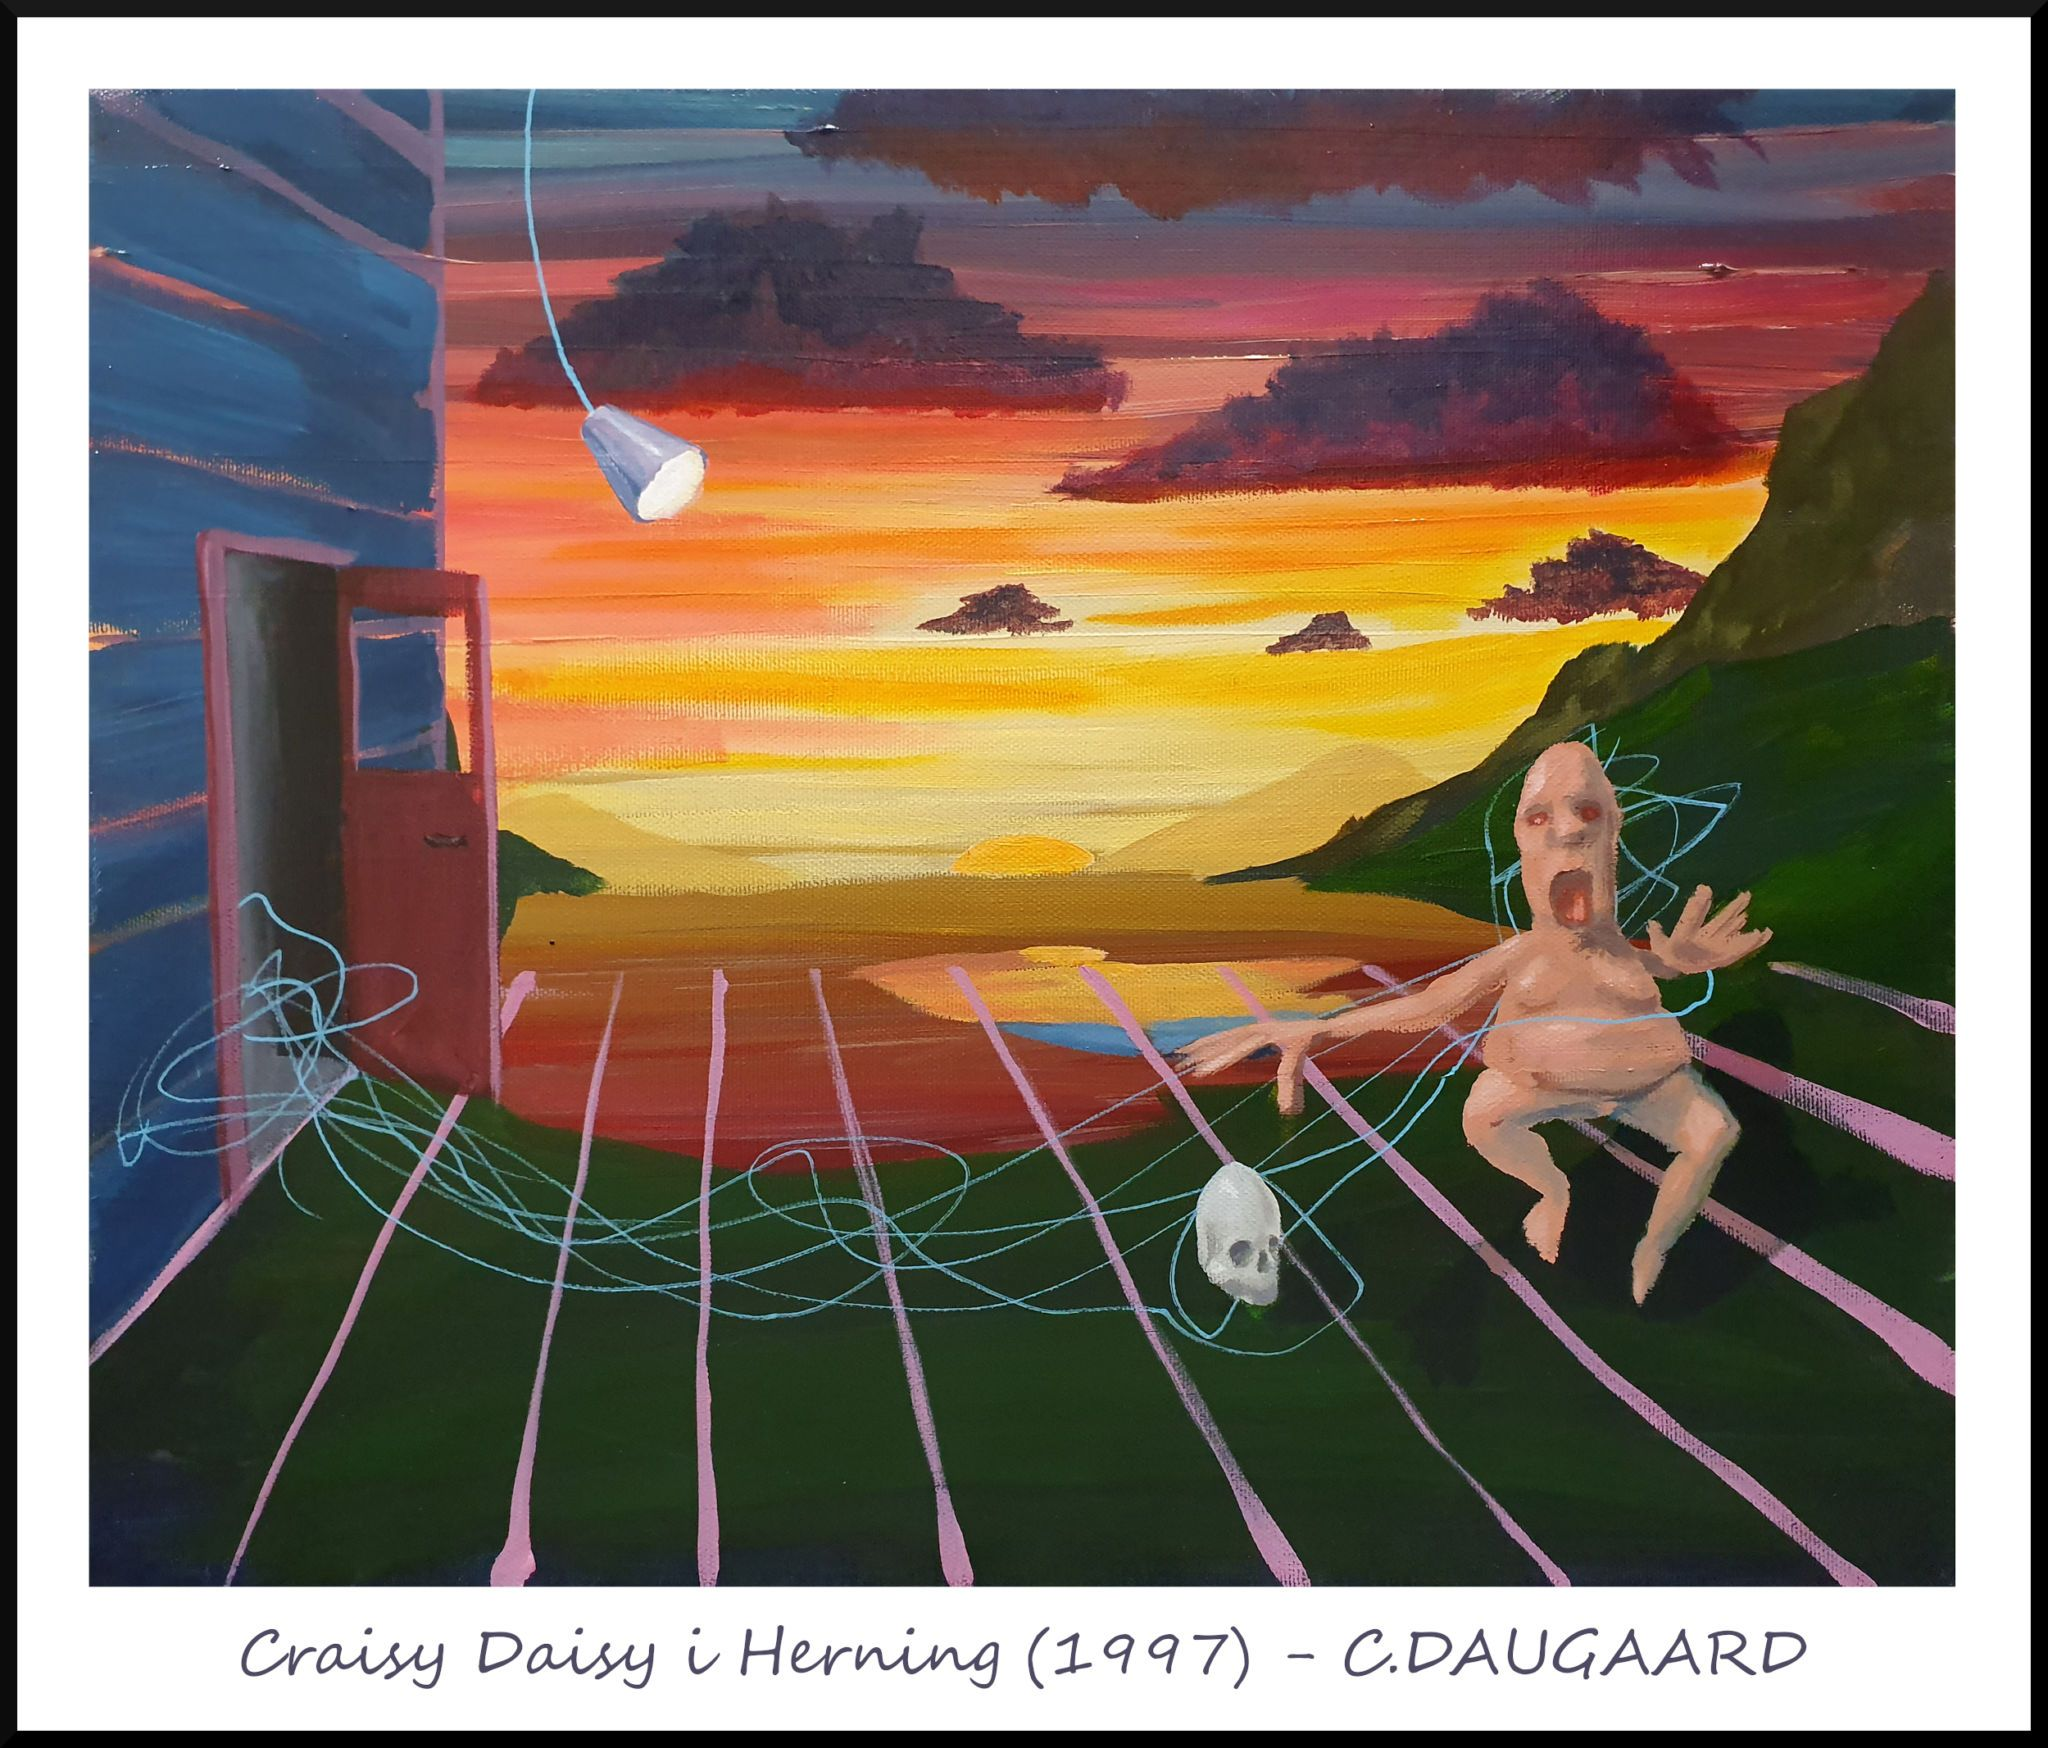 Crazy Daisy i Herning (1997)